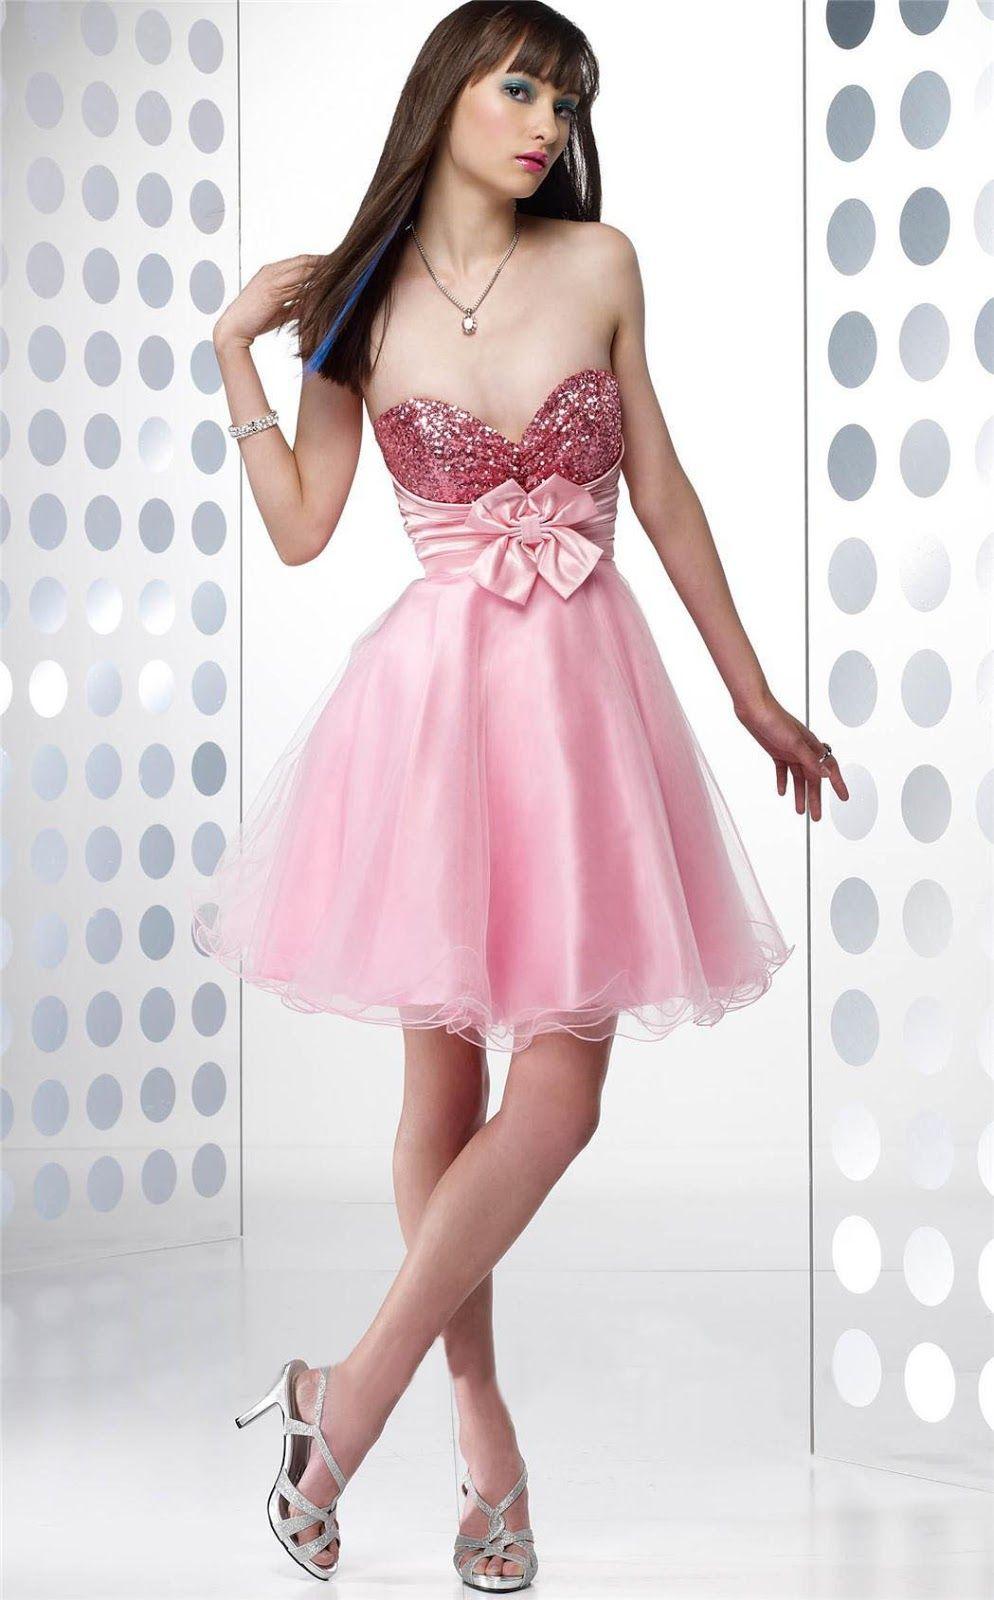 Increíble Calientes Vestidos De Fiesta De Color Rosa Con Diamantes ...